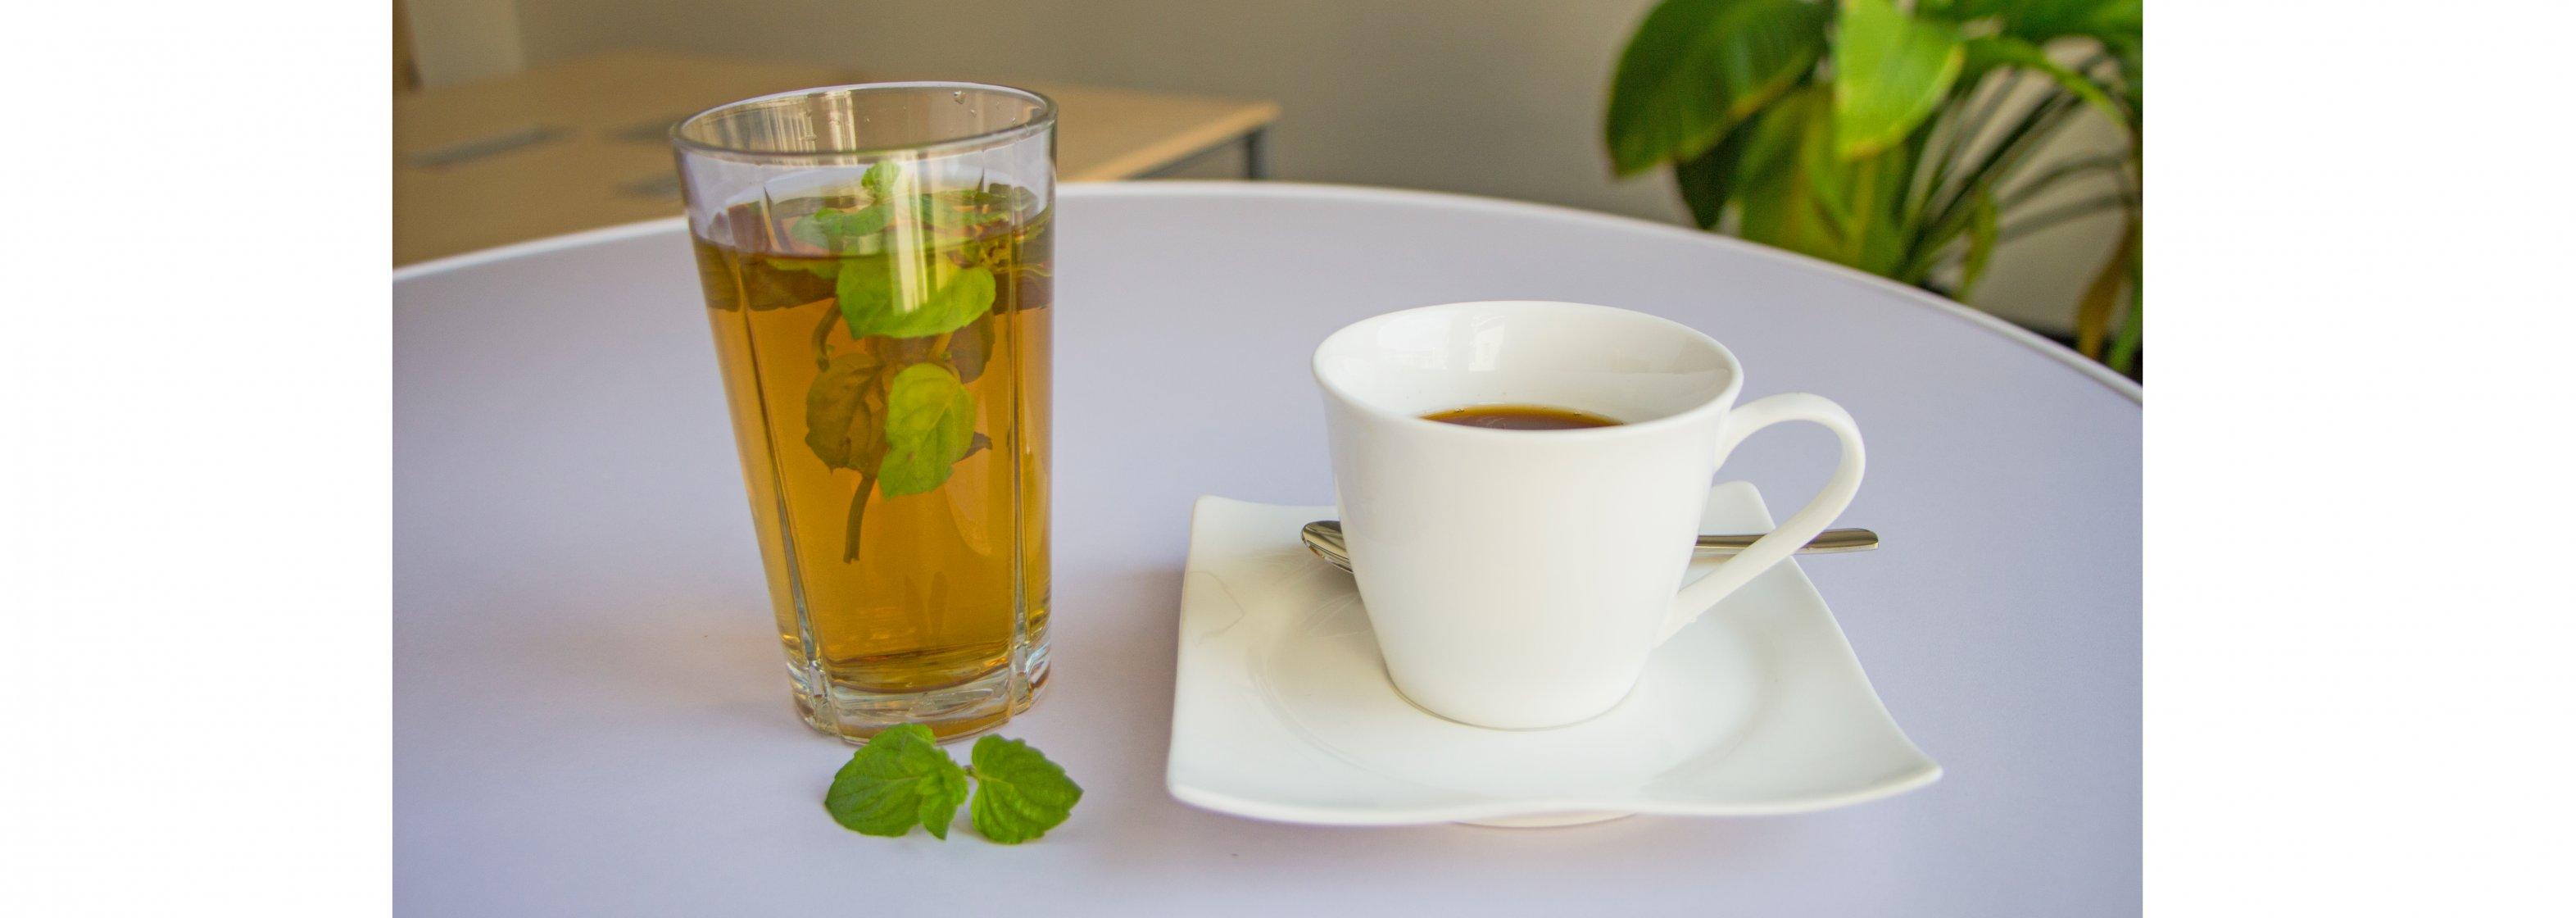 Kaffee, grüner und schwarzer Tee | diabetesDE - Deutsche Diabetes-Hilfe